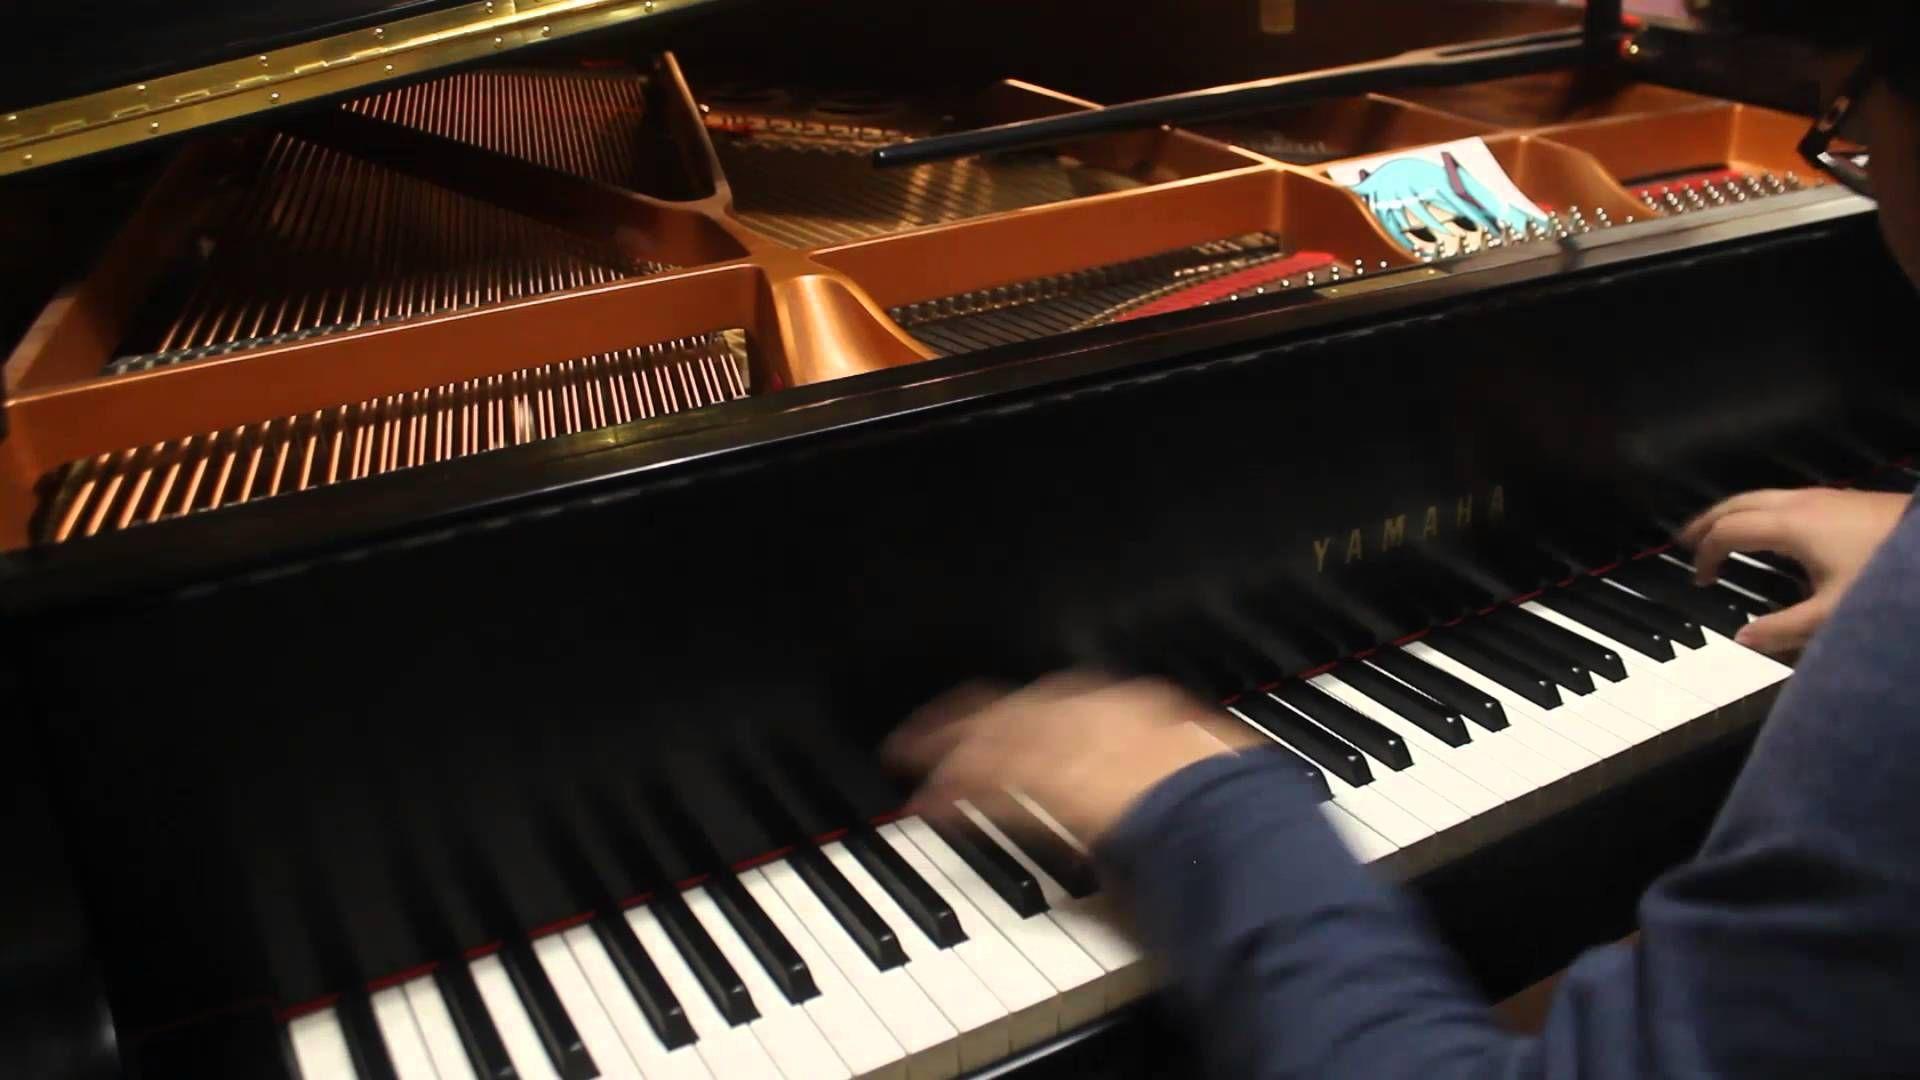 Undertale Ost Megalovania Piano Cover Piano Cover Piano